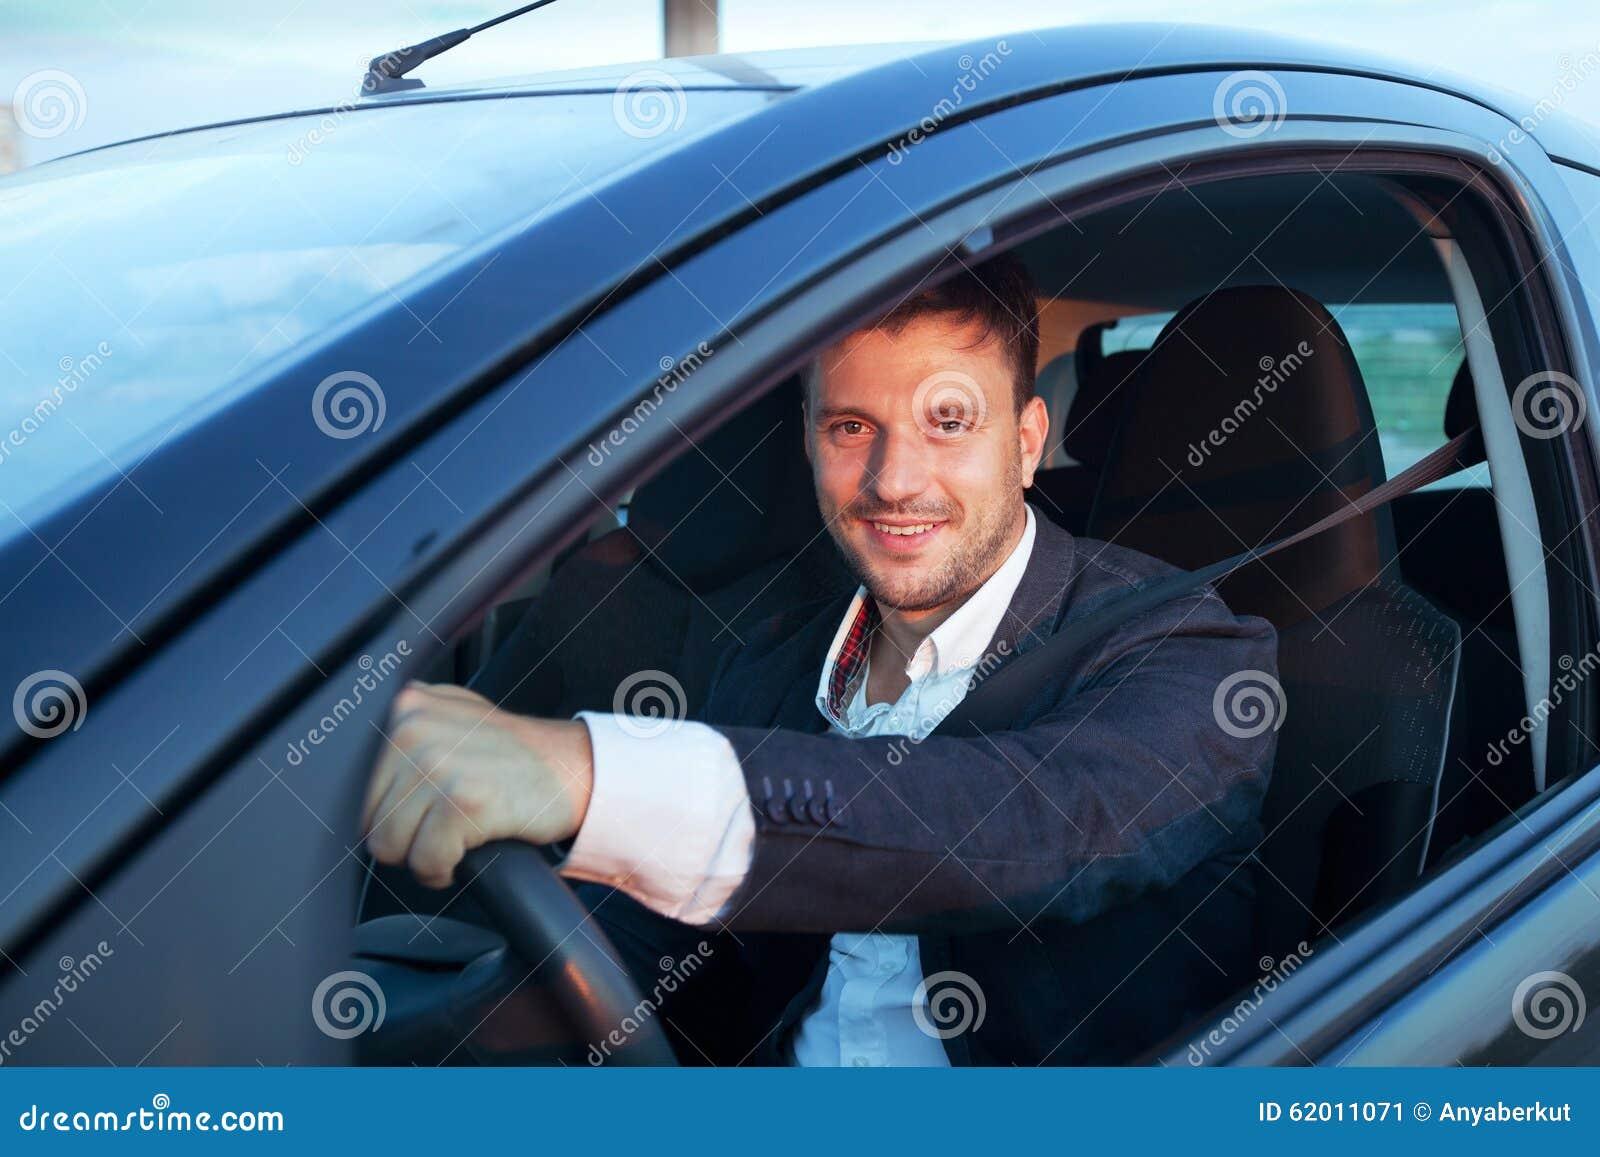 Alquile un coche